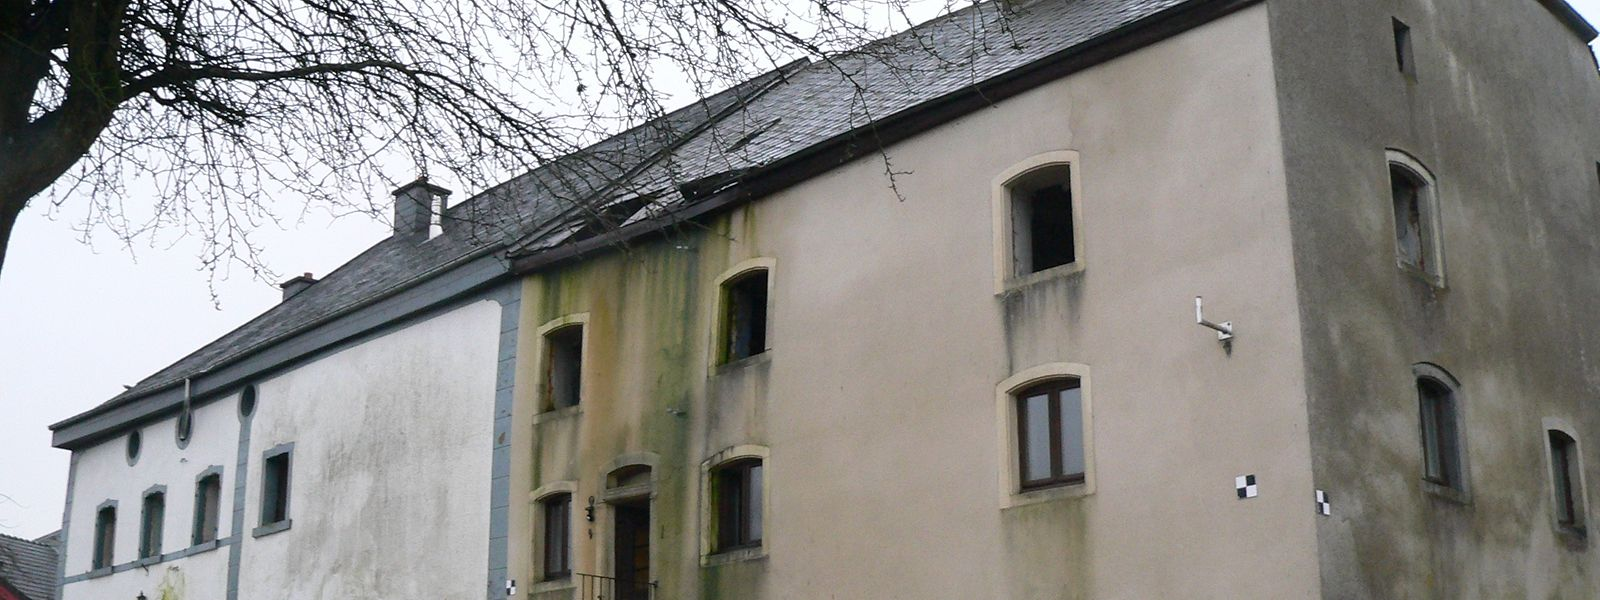 Mittlerweile geben die beiden alten Bauernhäuser in Heinerscheid, die nach dem Willen des Kulturministeriums Denkmalschutz erhalten sollen, ein zusehends trübseligeres Bild ab.